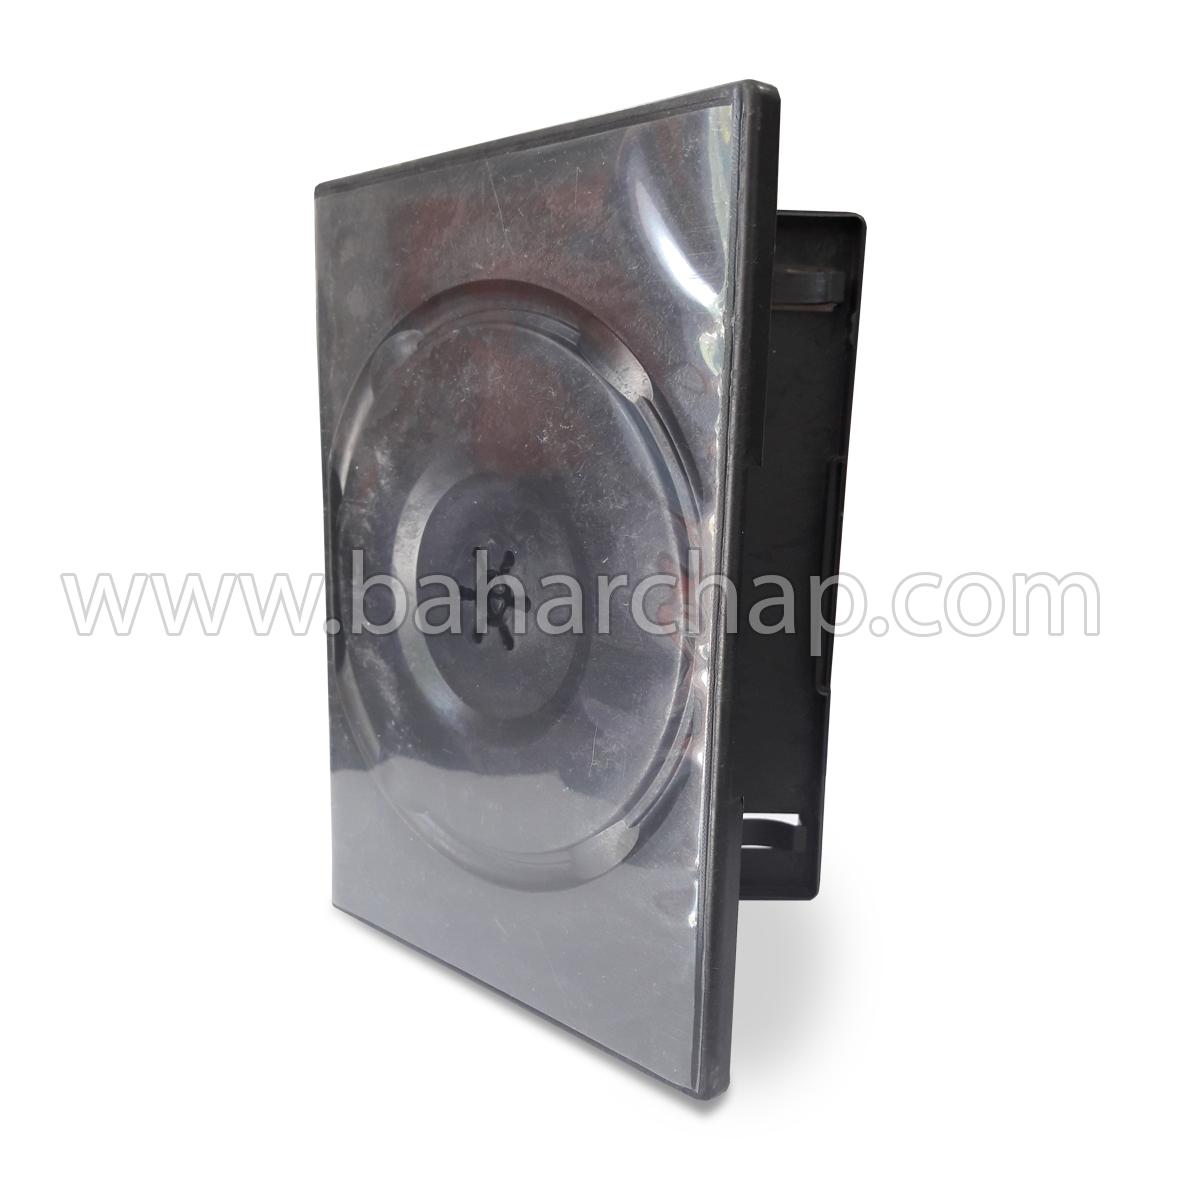 فروشگاه و خدمات اینترنتی بهارچاپ اصفهان-جعبه CD & DVD تکی (مشکی)-CD & DVD Cover